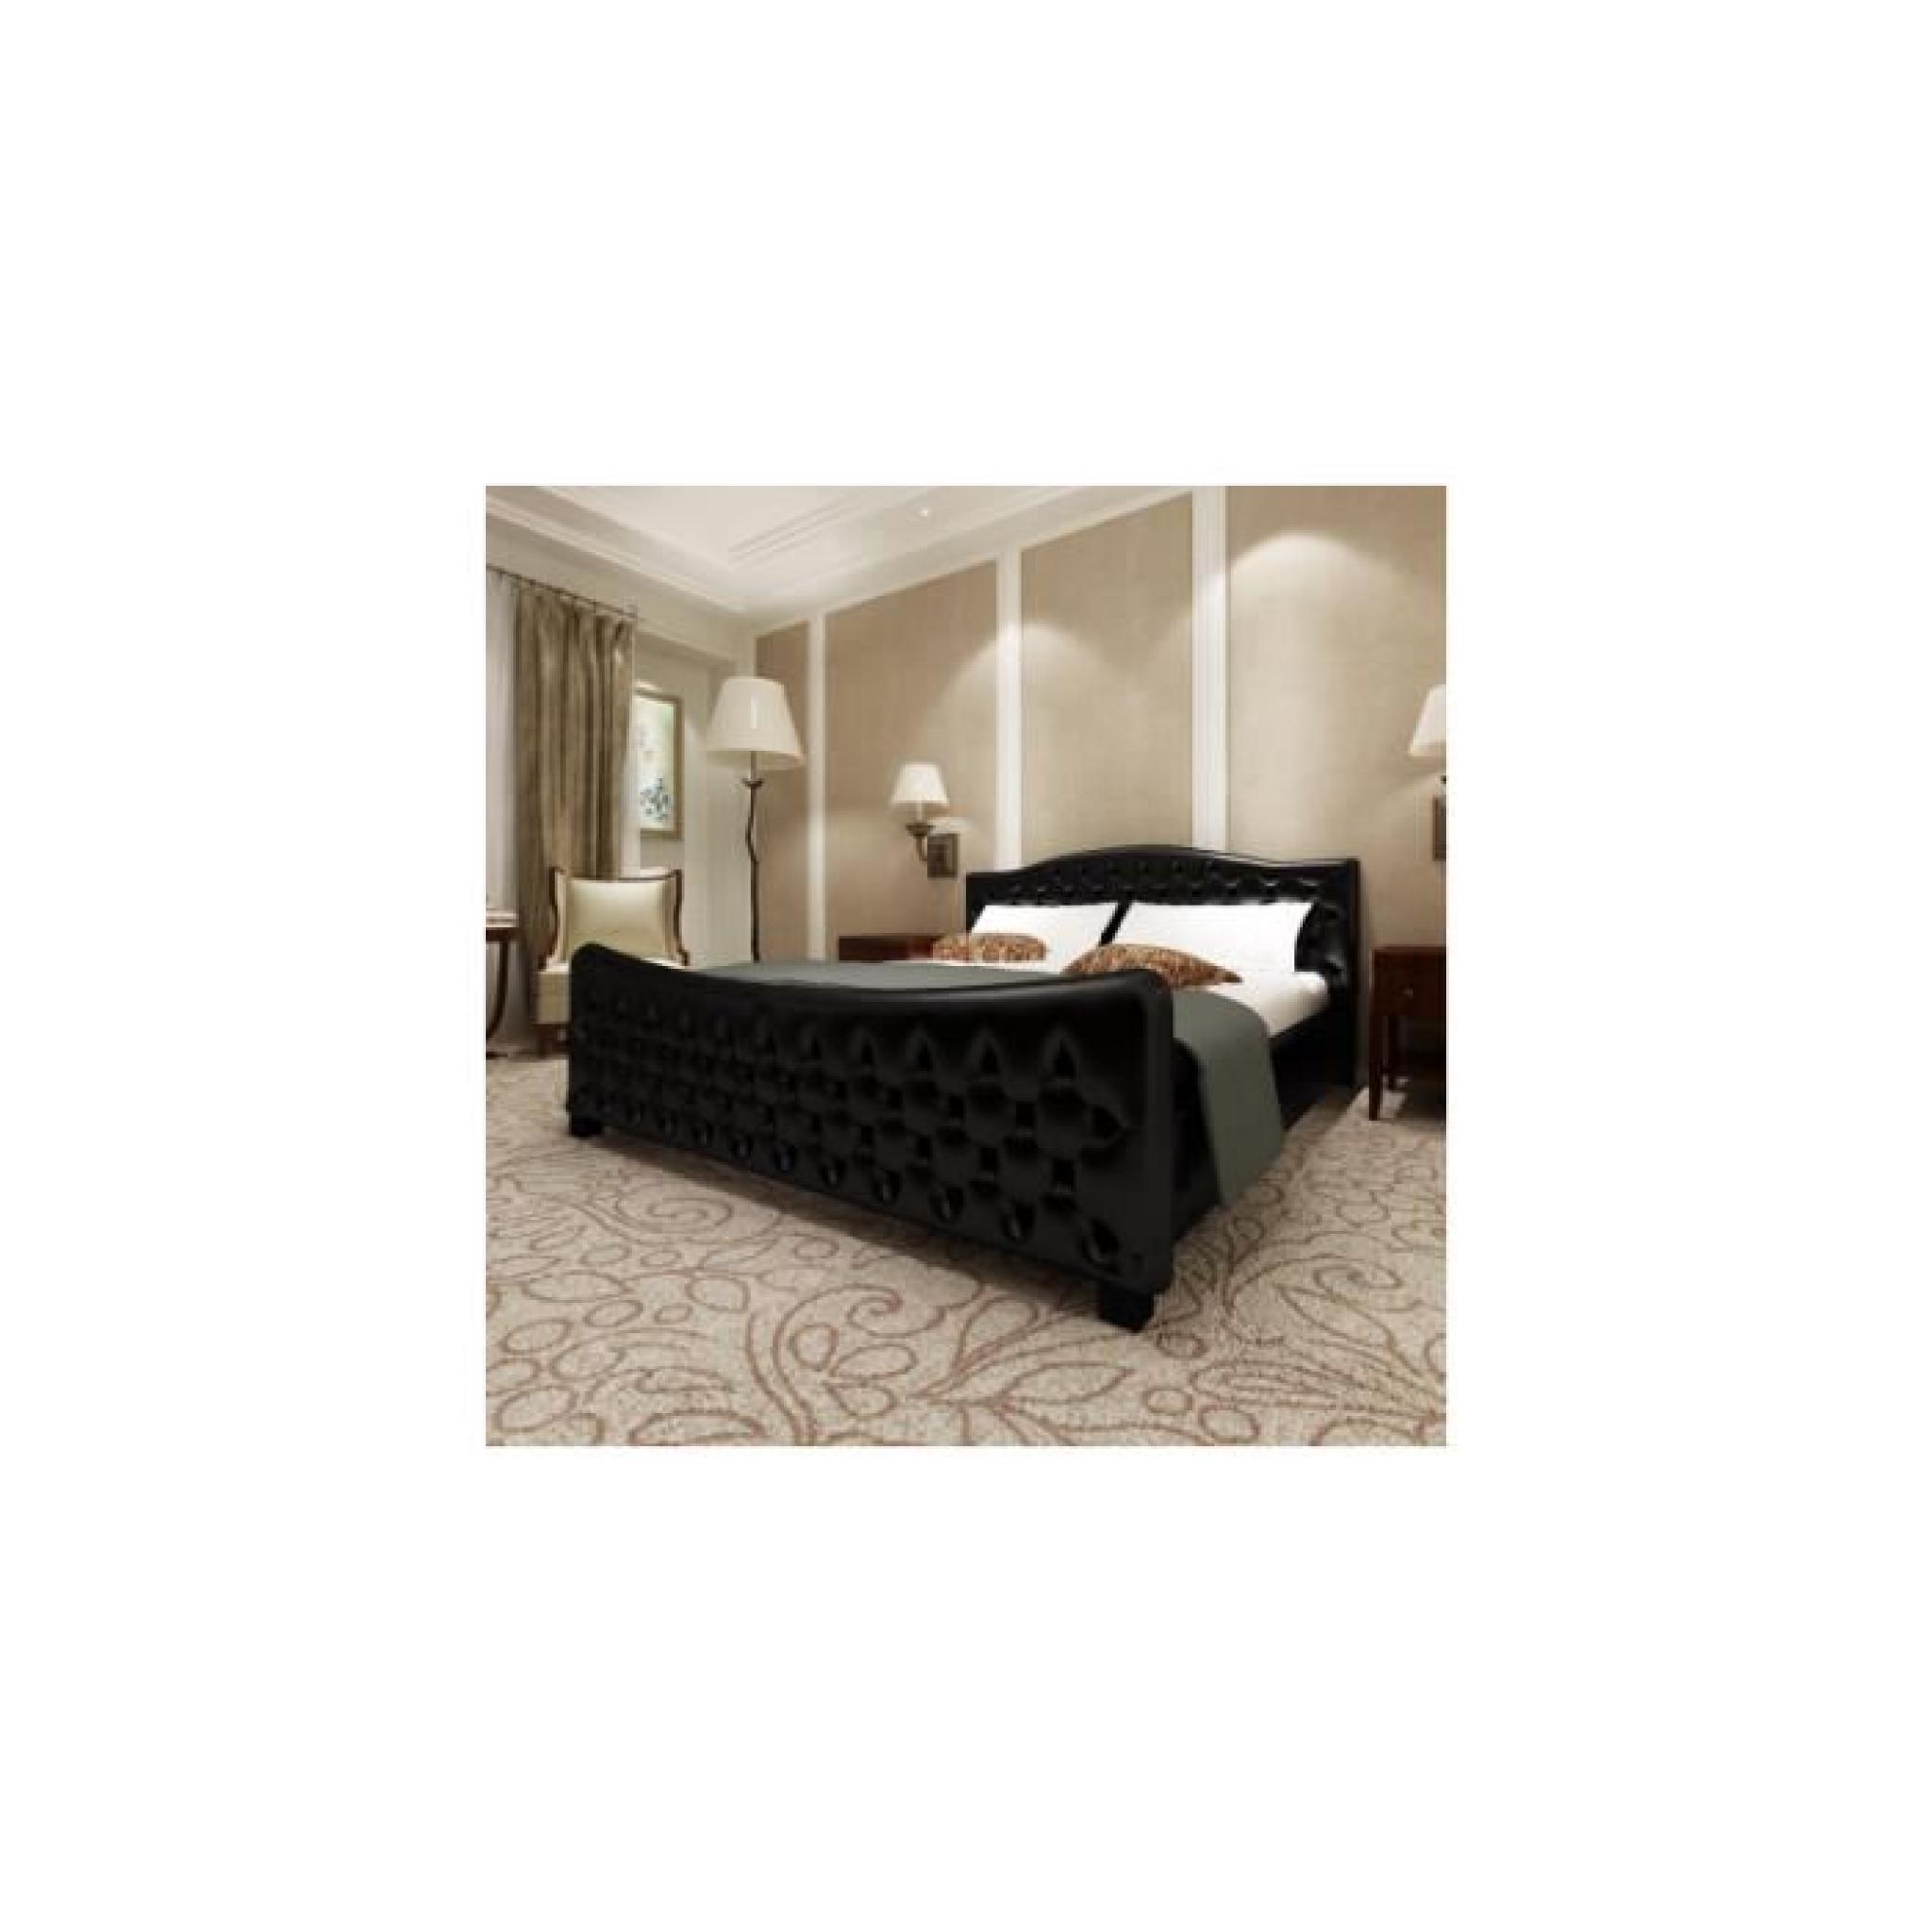 luxueux lit en pu 180 achat vente lit pas cher couleur et. Black Bedroom Furniture Sets. Home Design Ideas